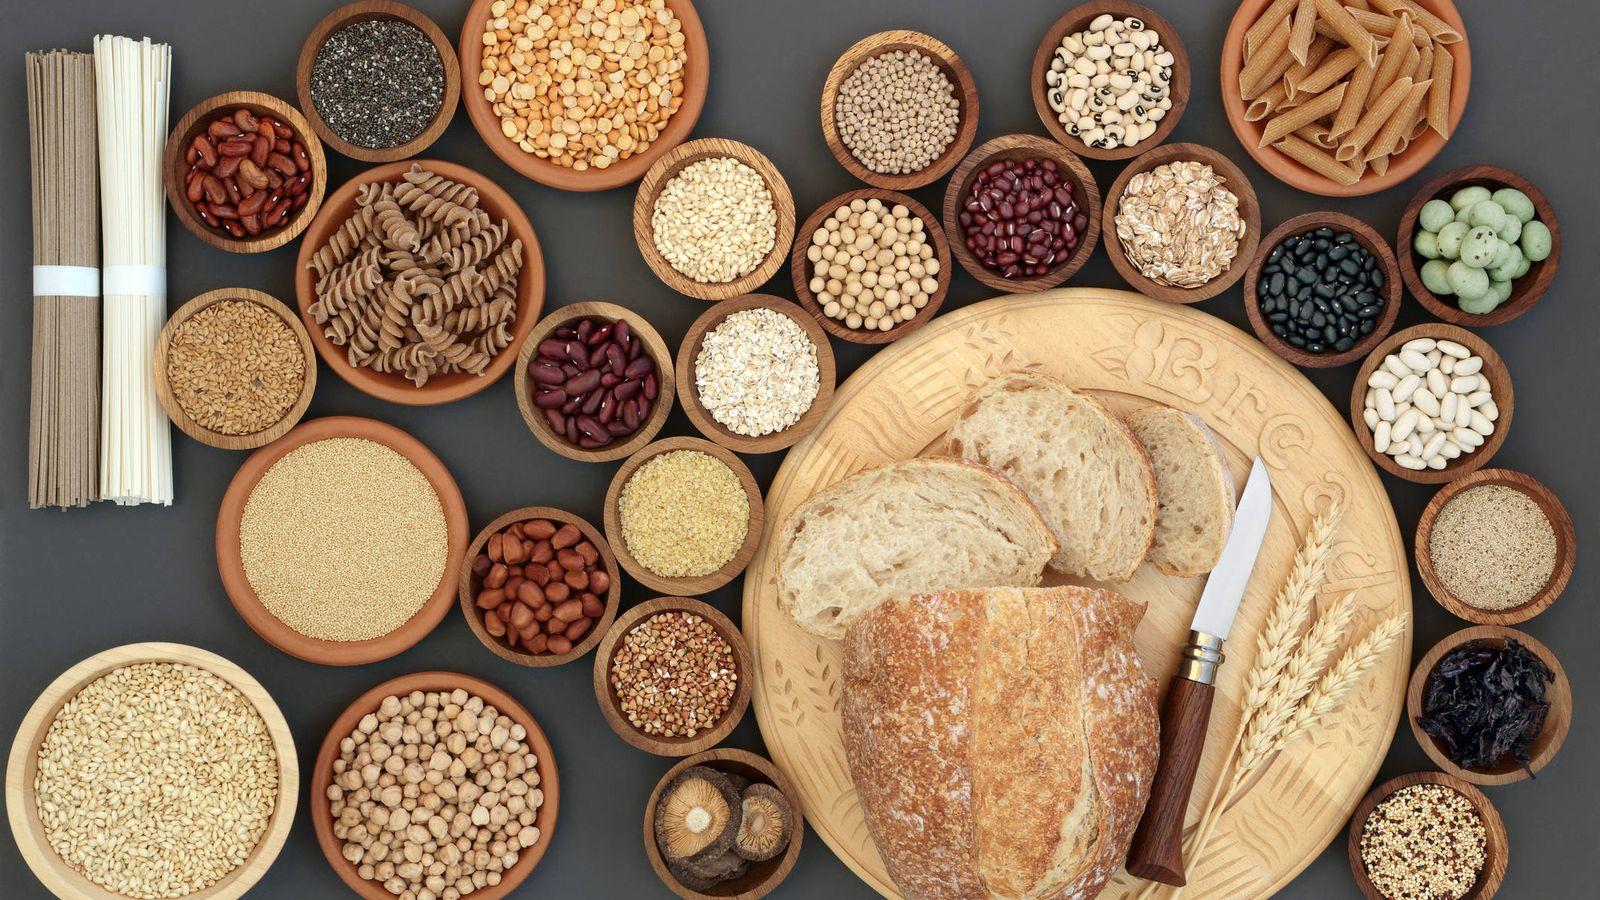 Nutrientes: Carbohidratos, la energía que necesitas (y no engordan)